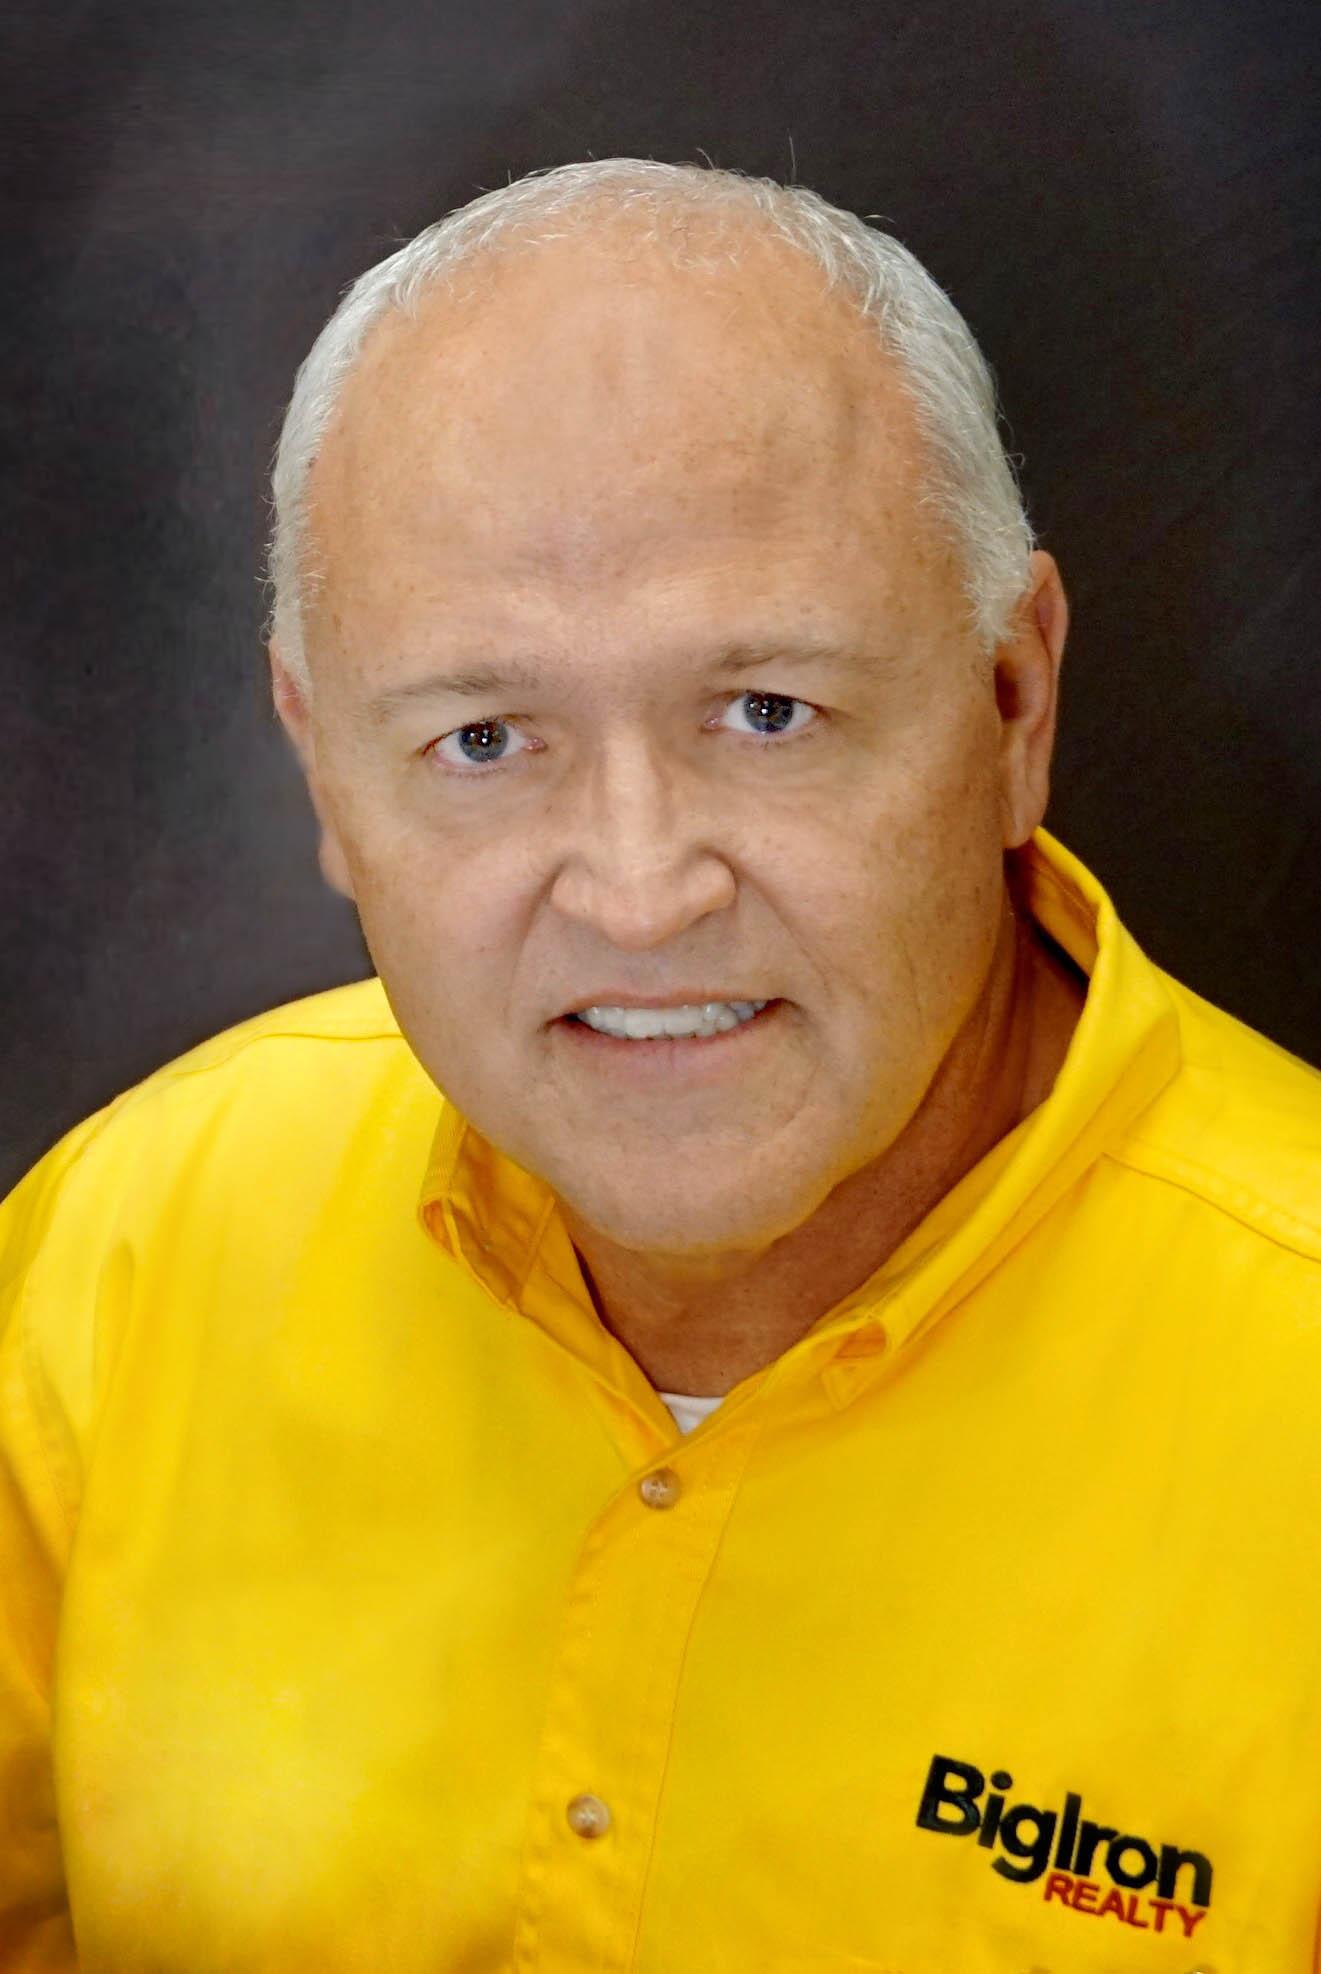 Roger-Bode-Yellow-Shirt-150x150.jpg